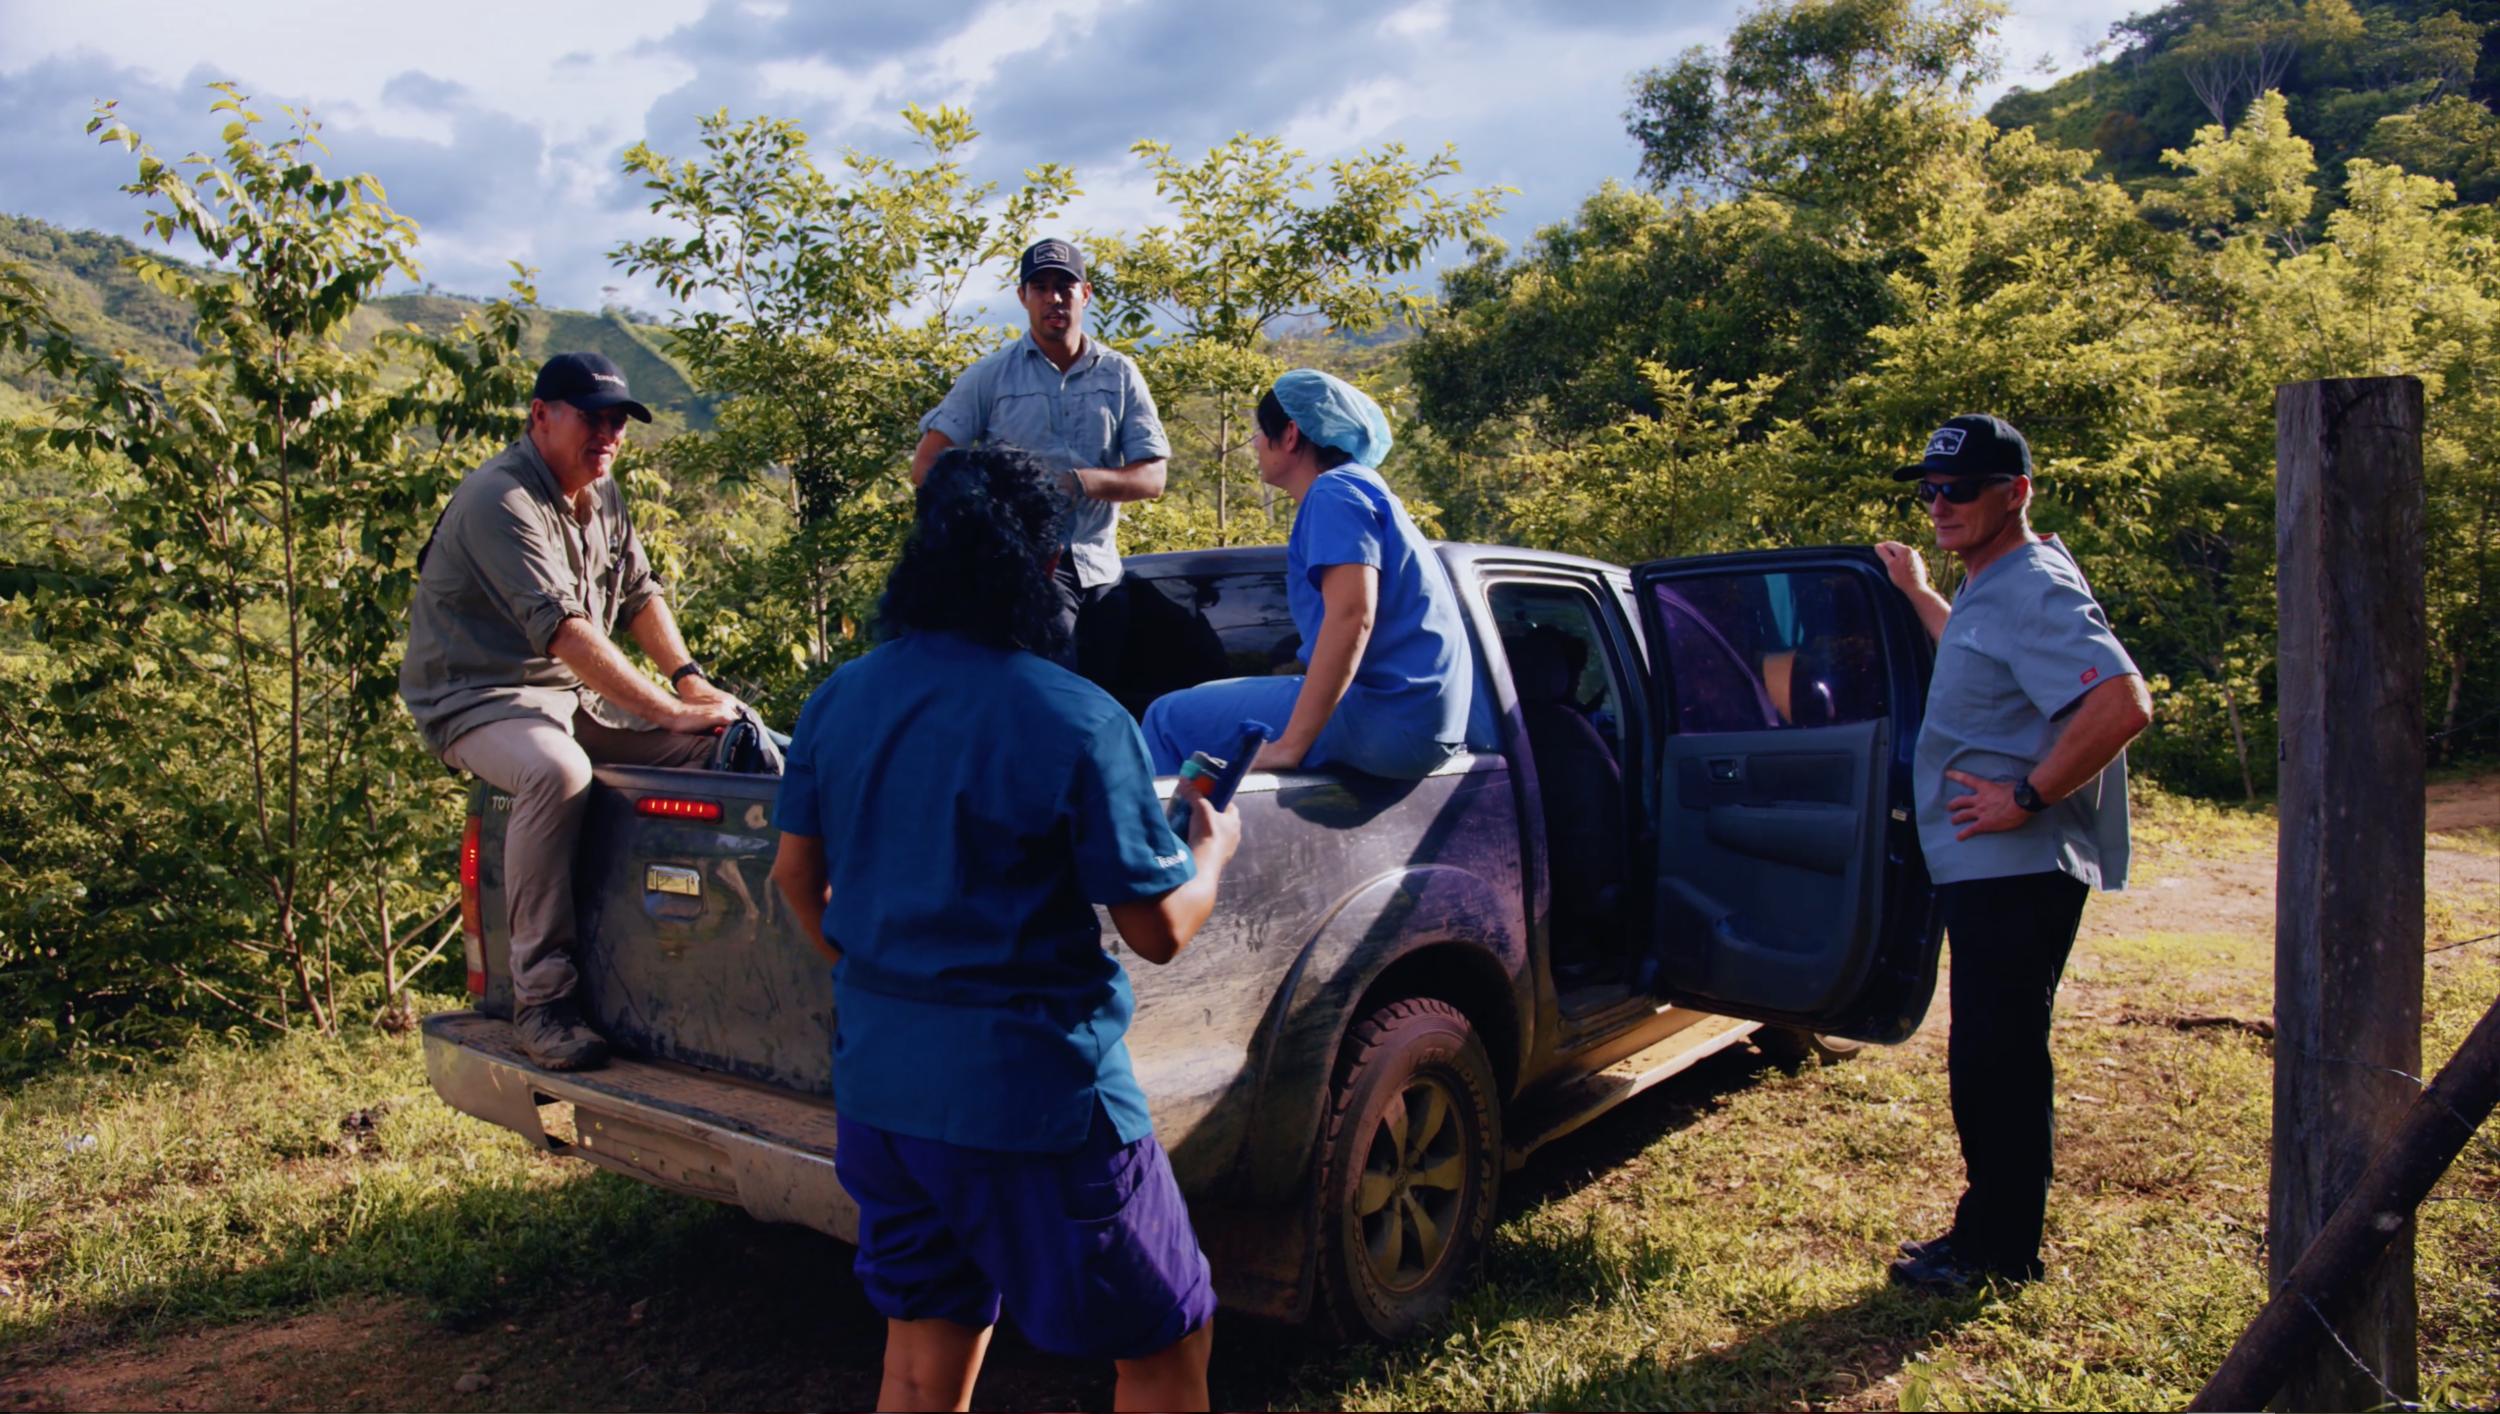 Jungle Service Team in Truck